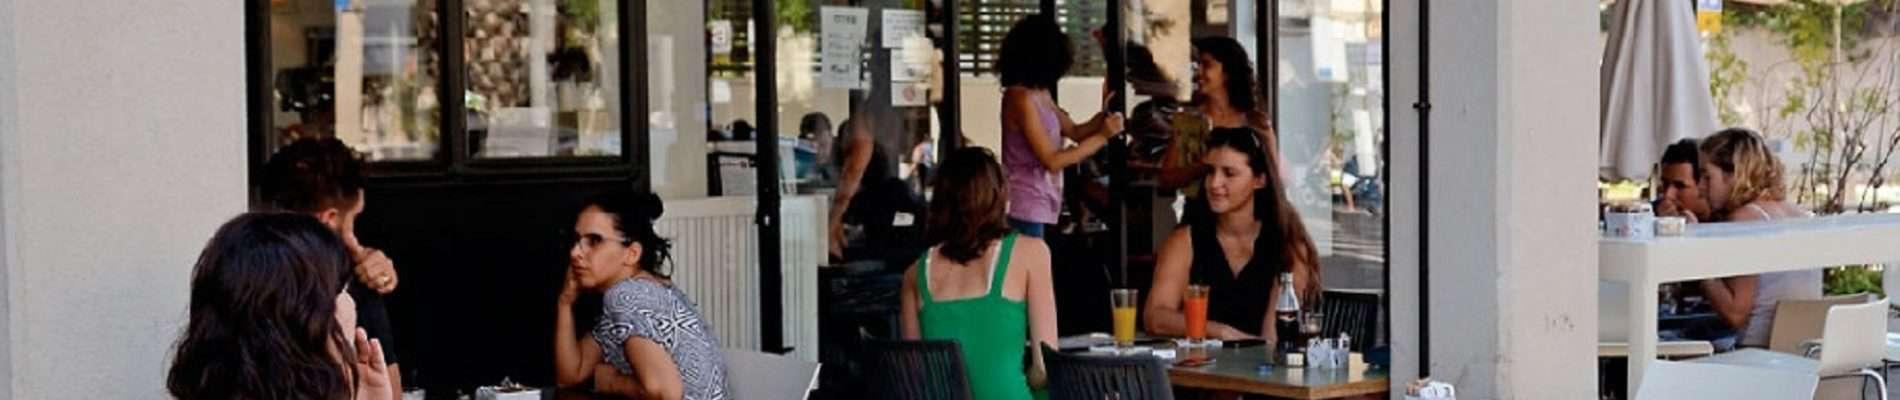 שקט, עובדים: בתי הקפה המושלמים לישיבה עם לפטופ